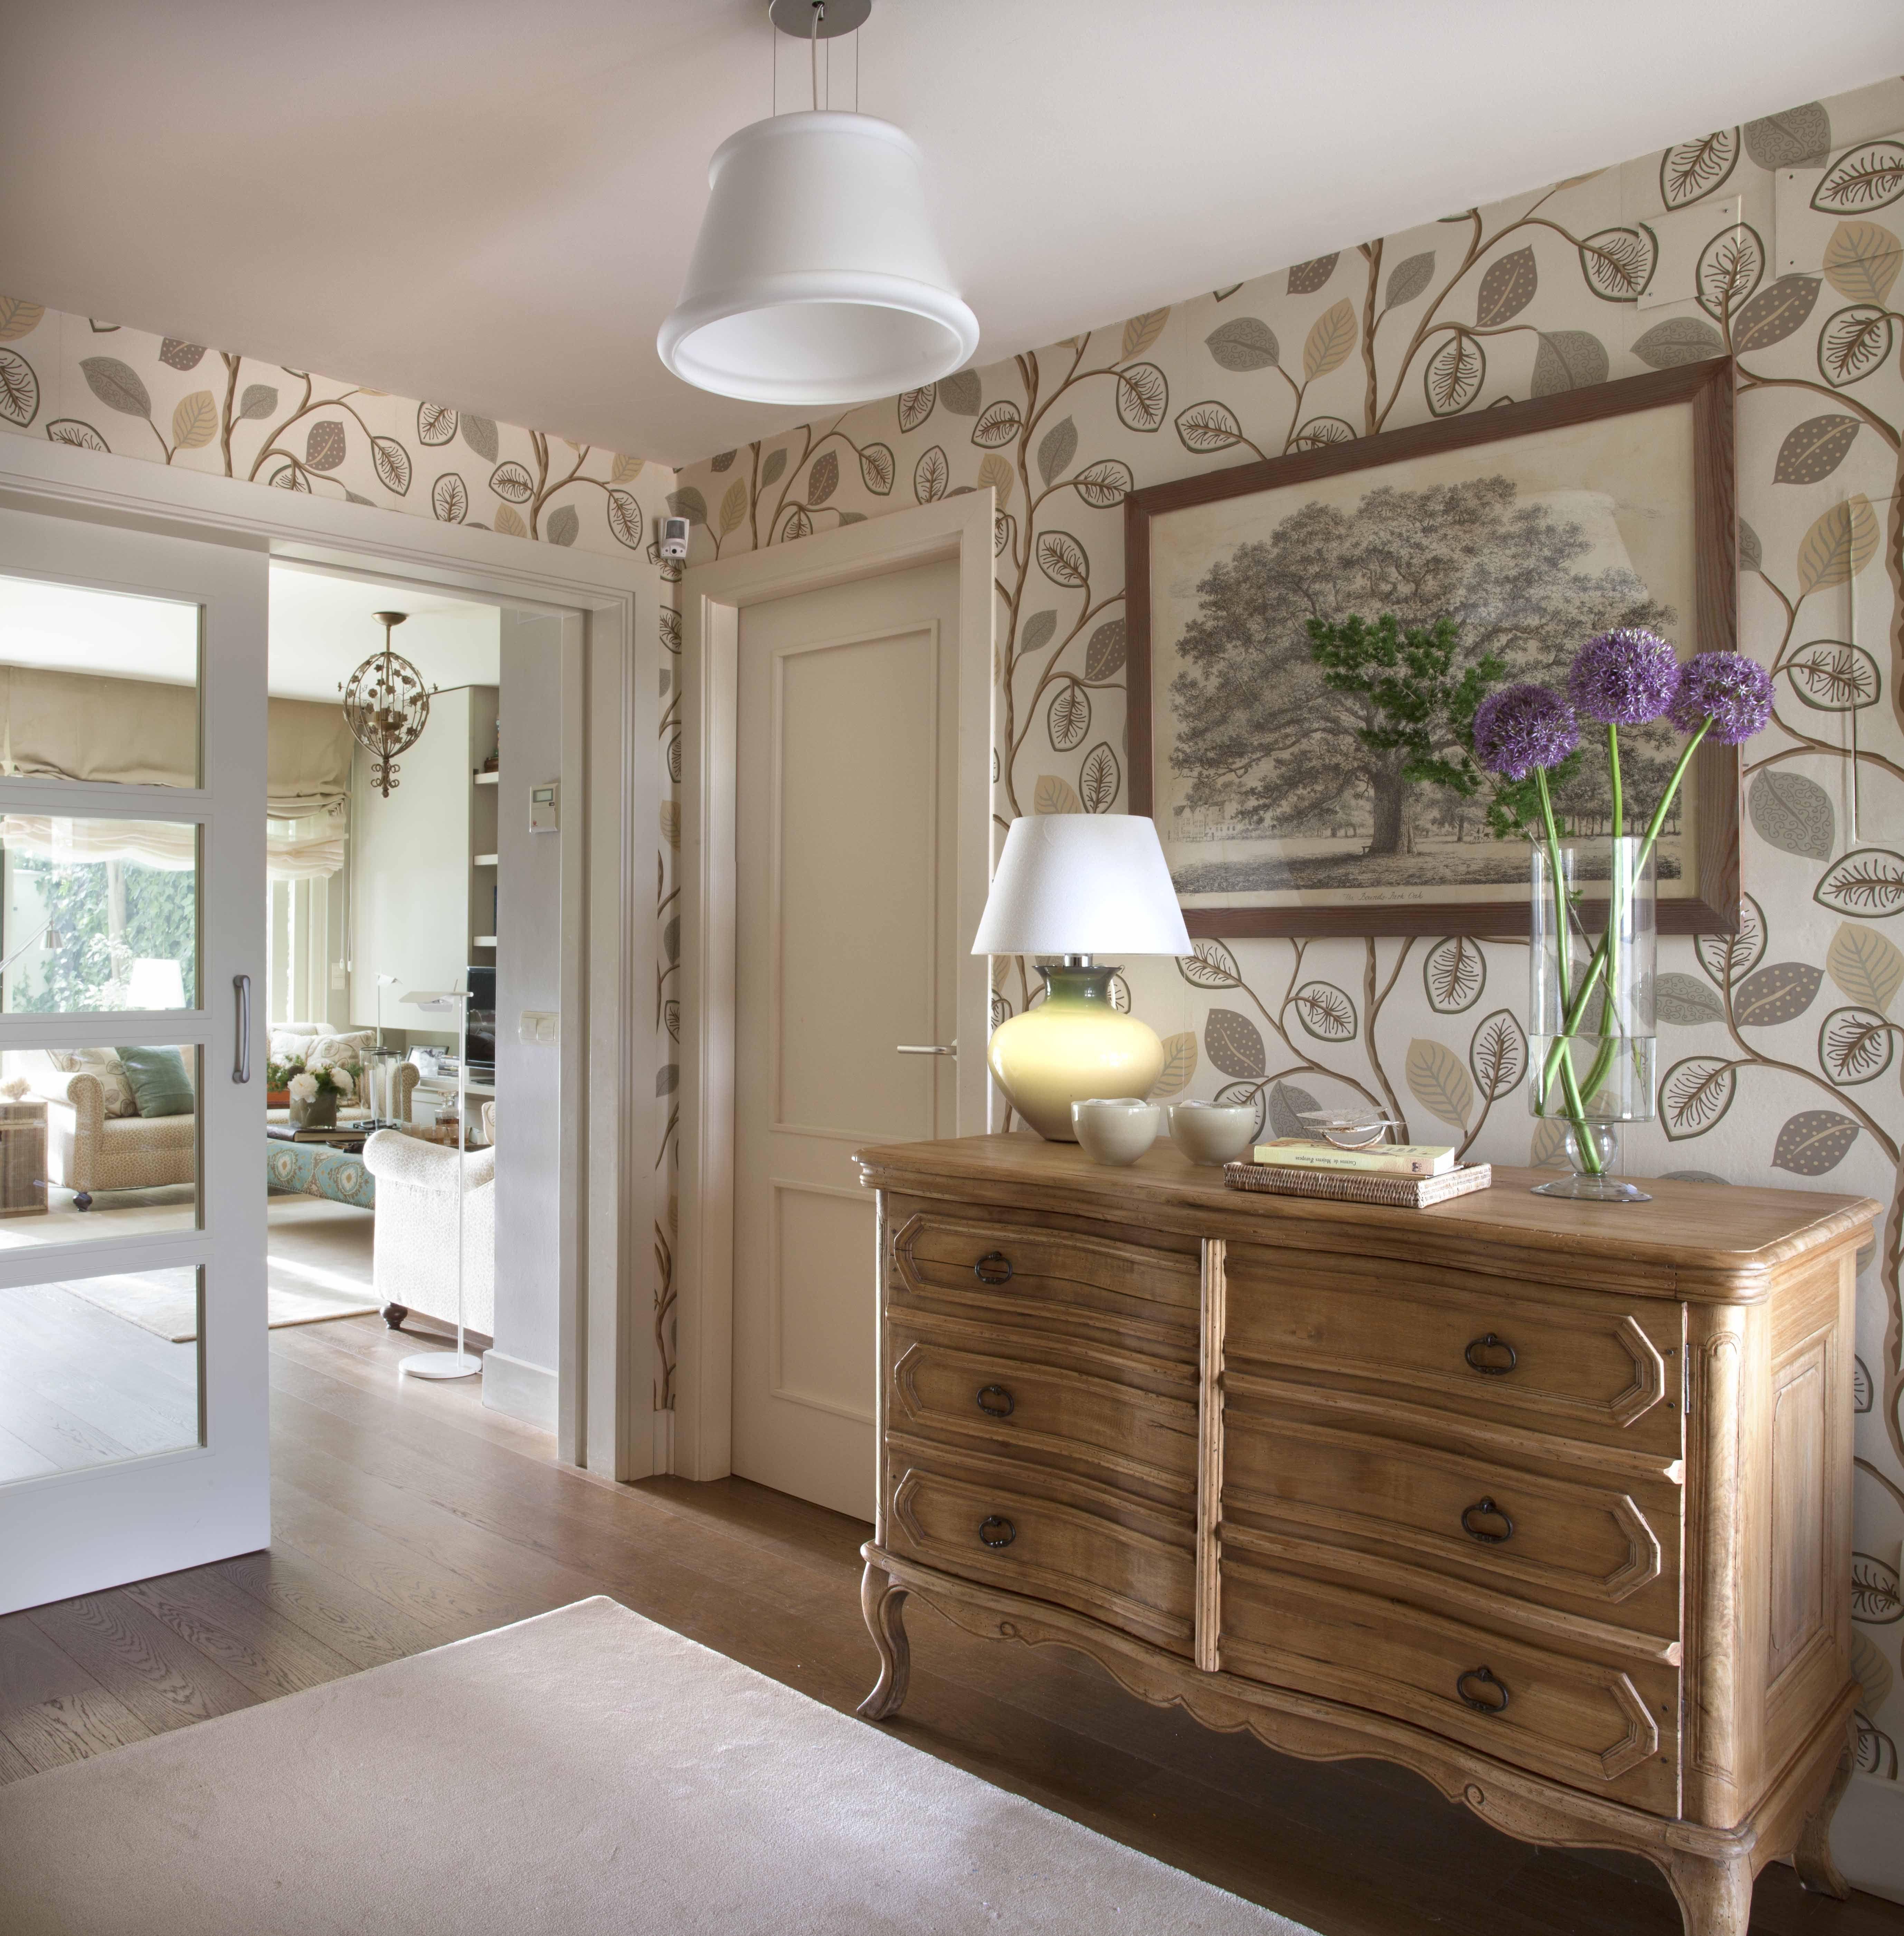 Papel pintado en el recibidor para dar continuadad a las estancias con el sal n pepel pintado - Papel pintado para recibidores ...